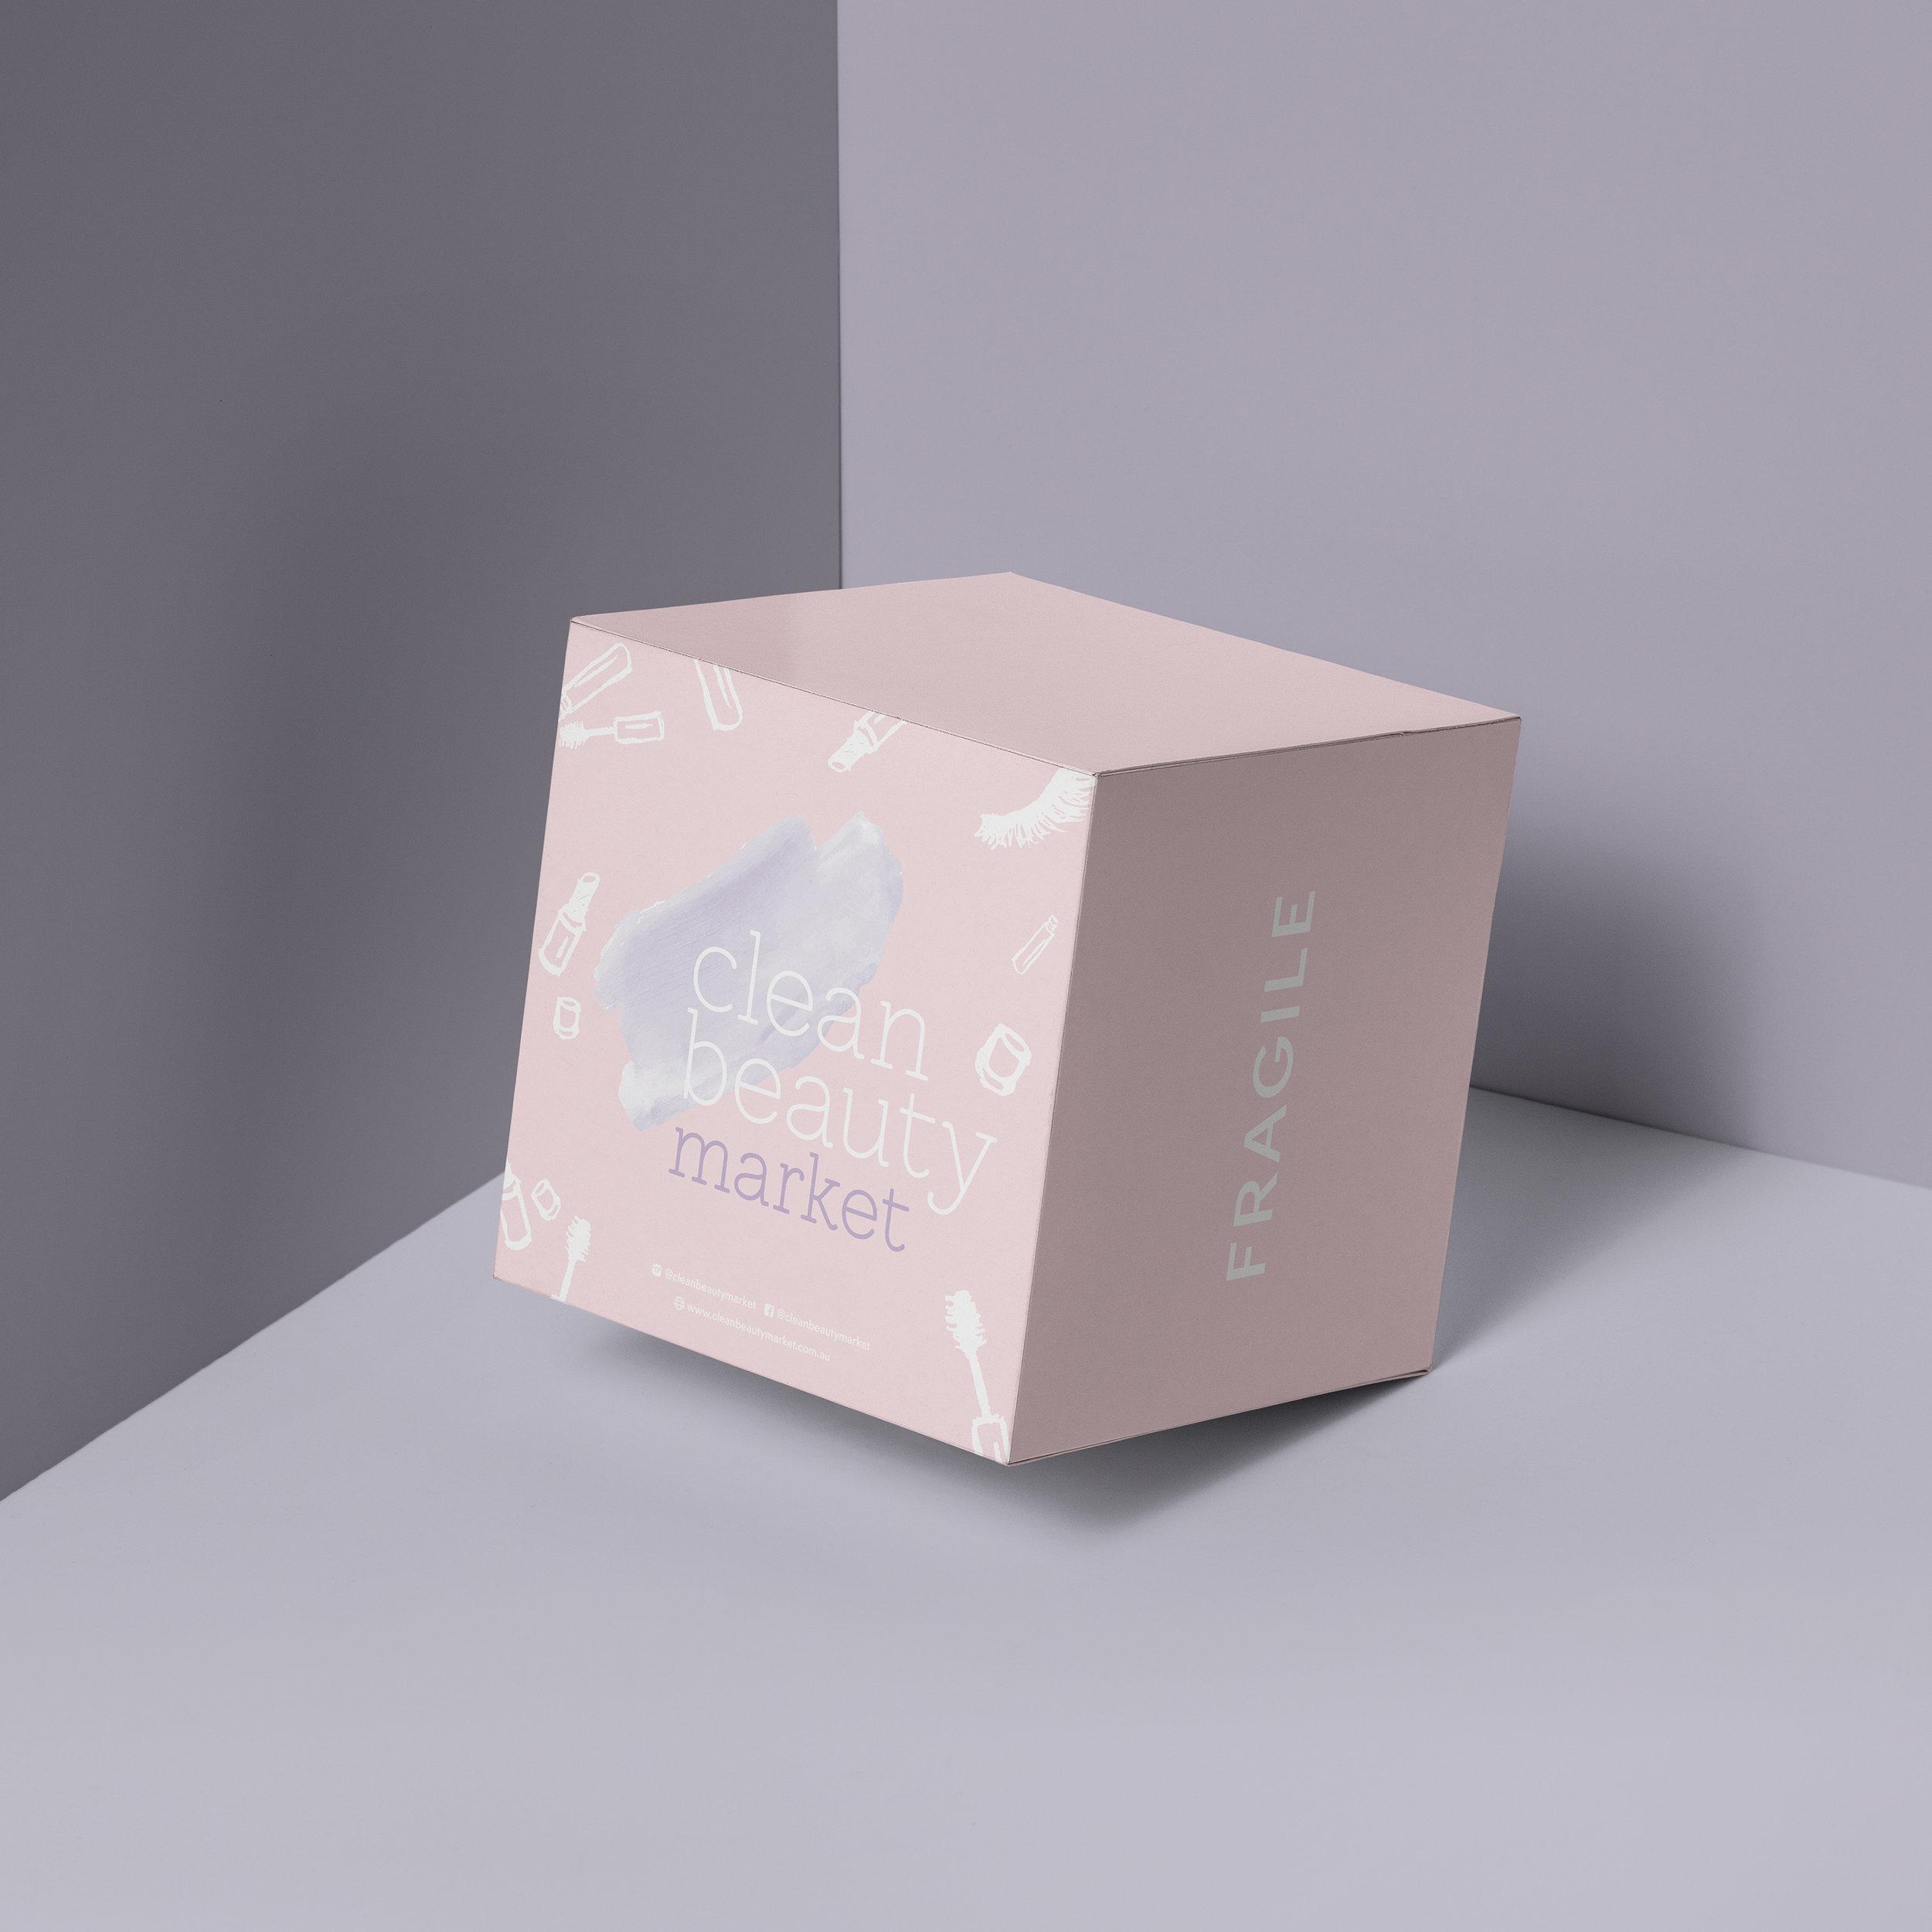 Box_1A.jpg